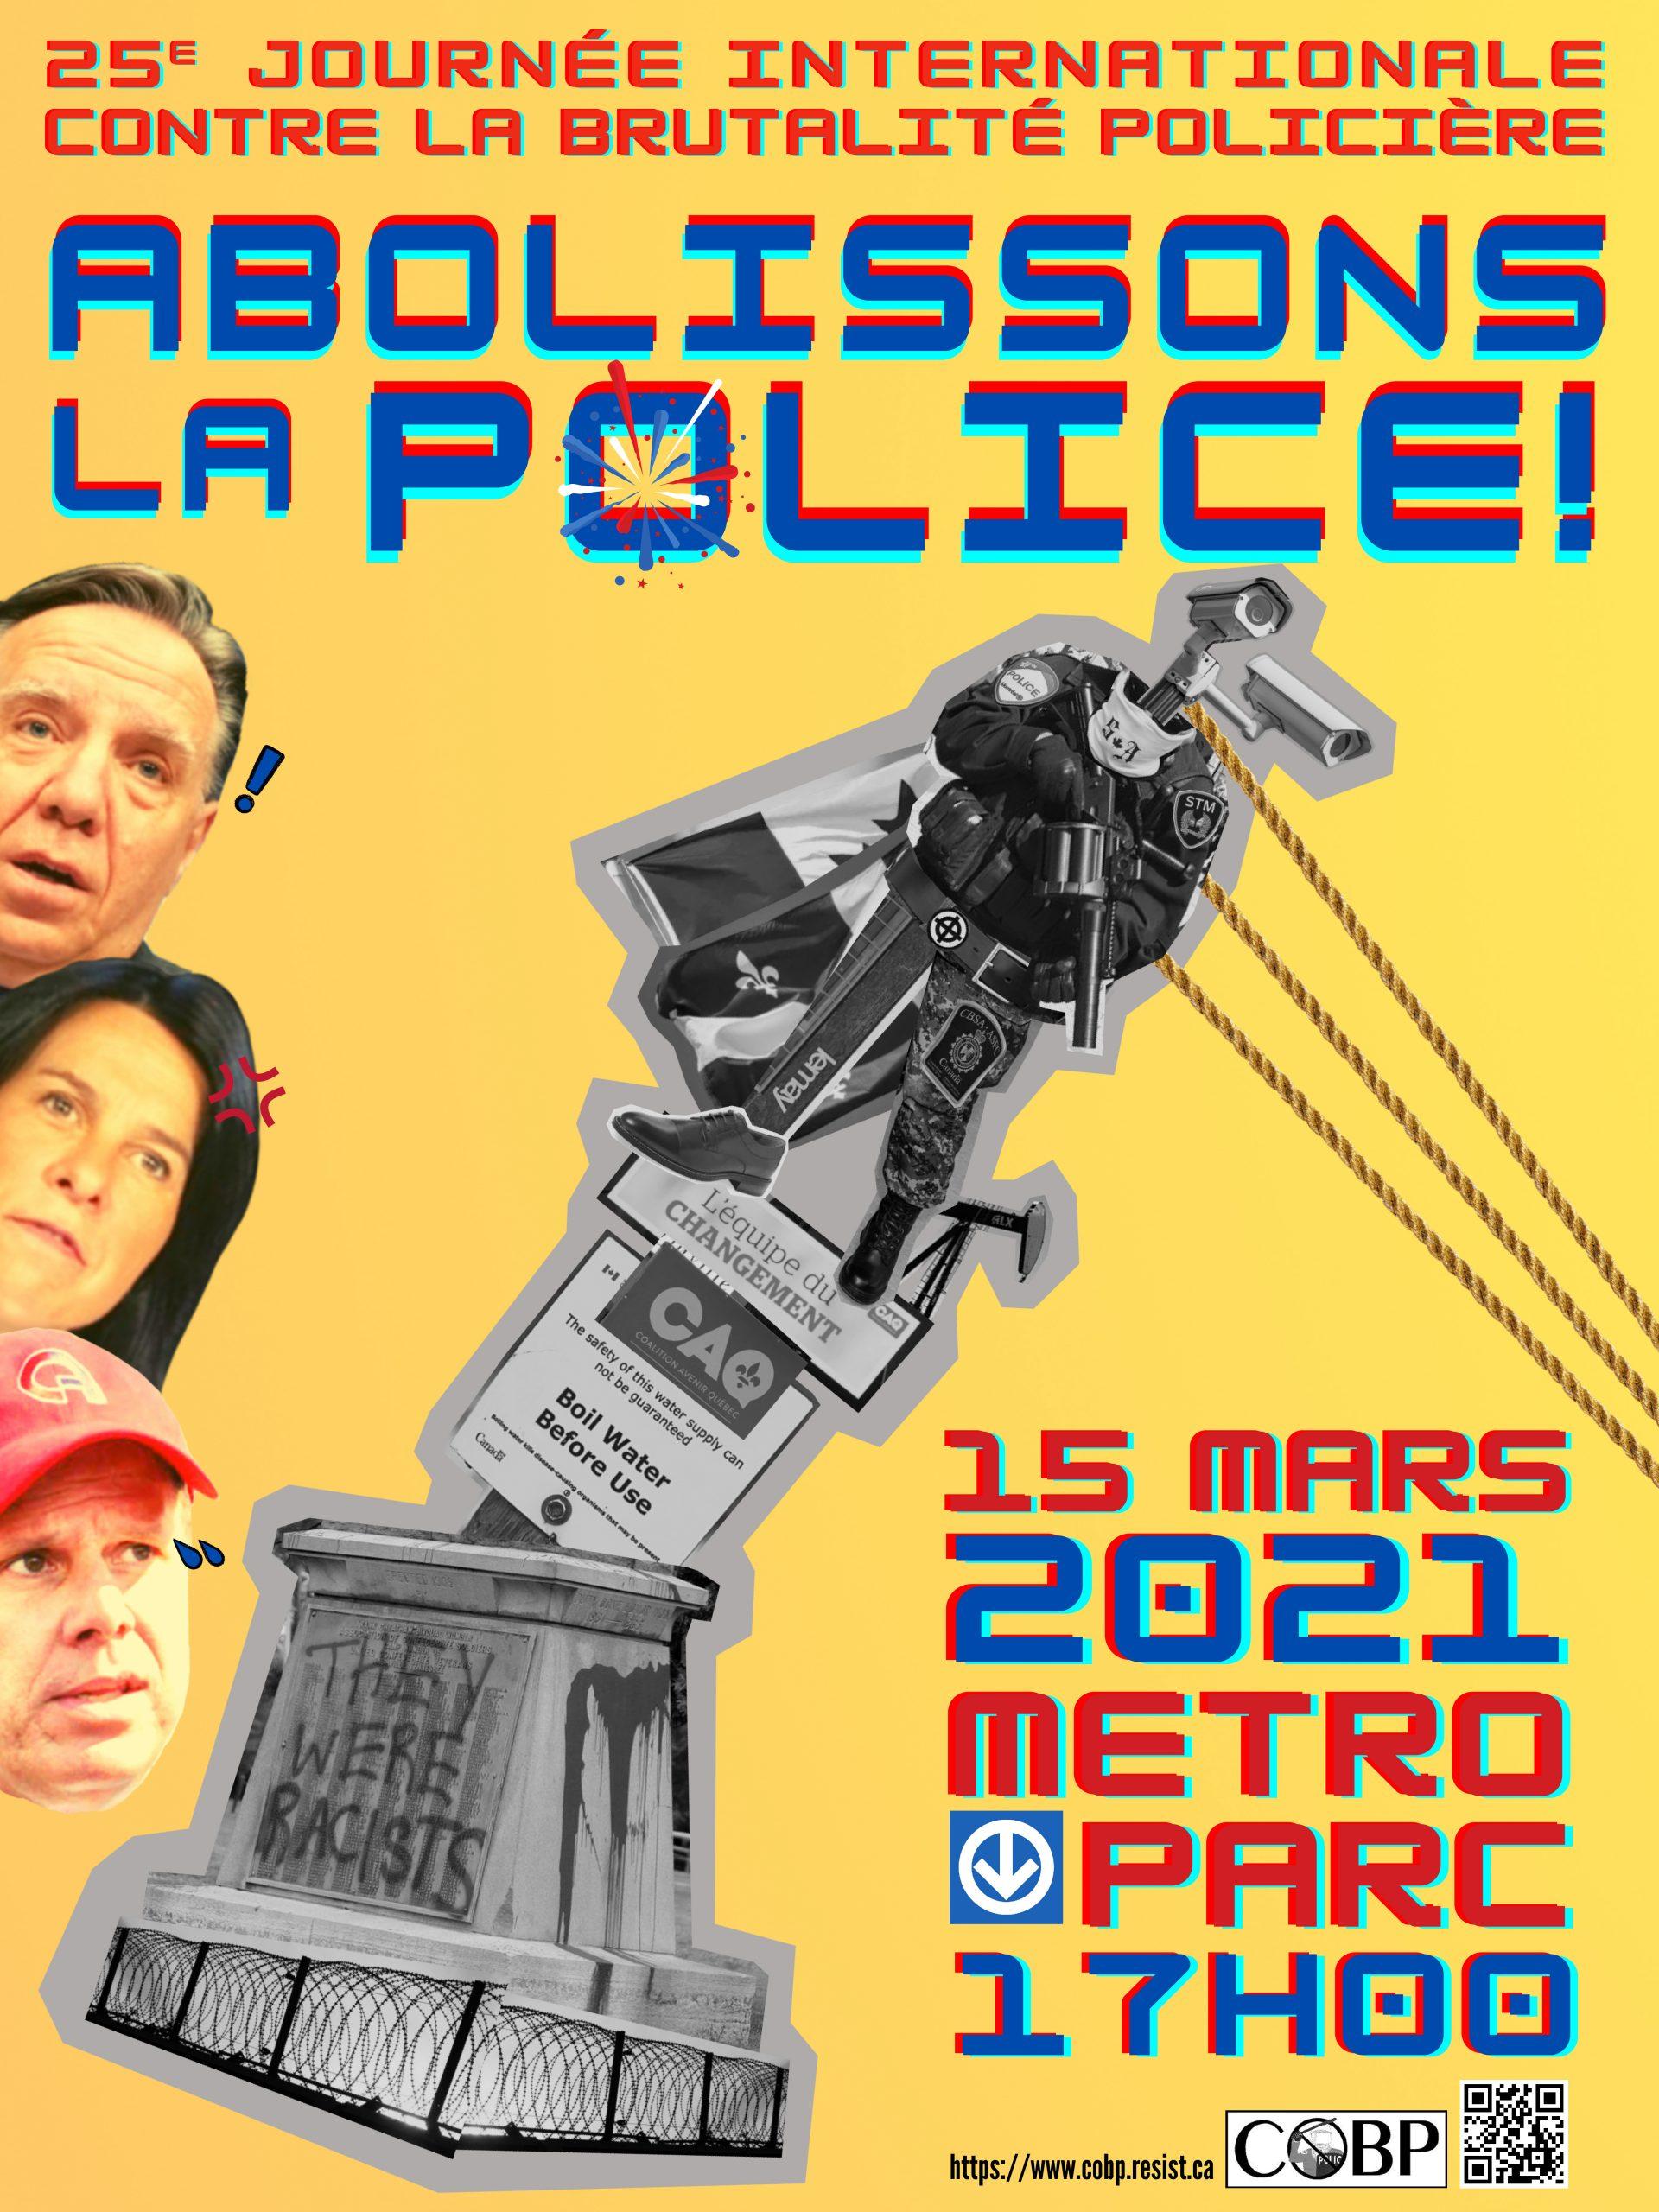 25e Journée internationale contre la brutalité policière